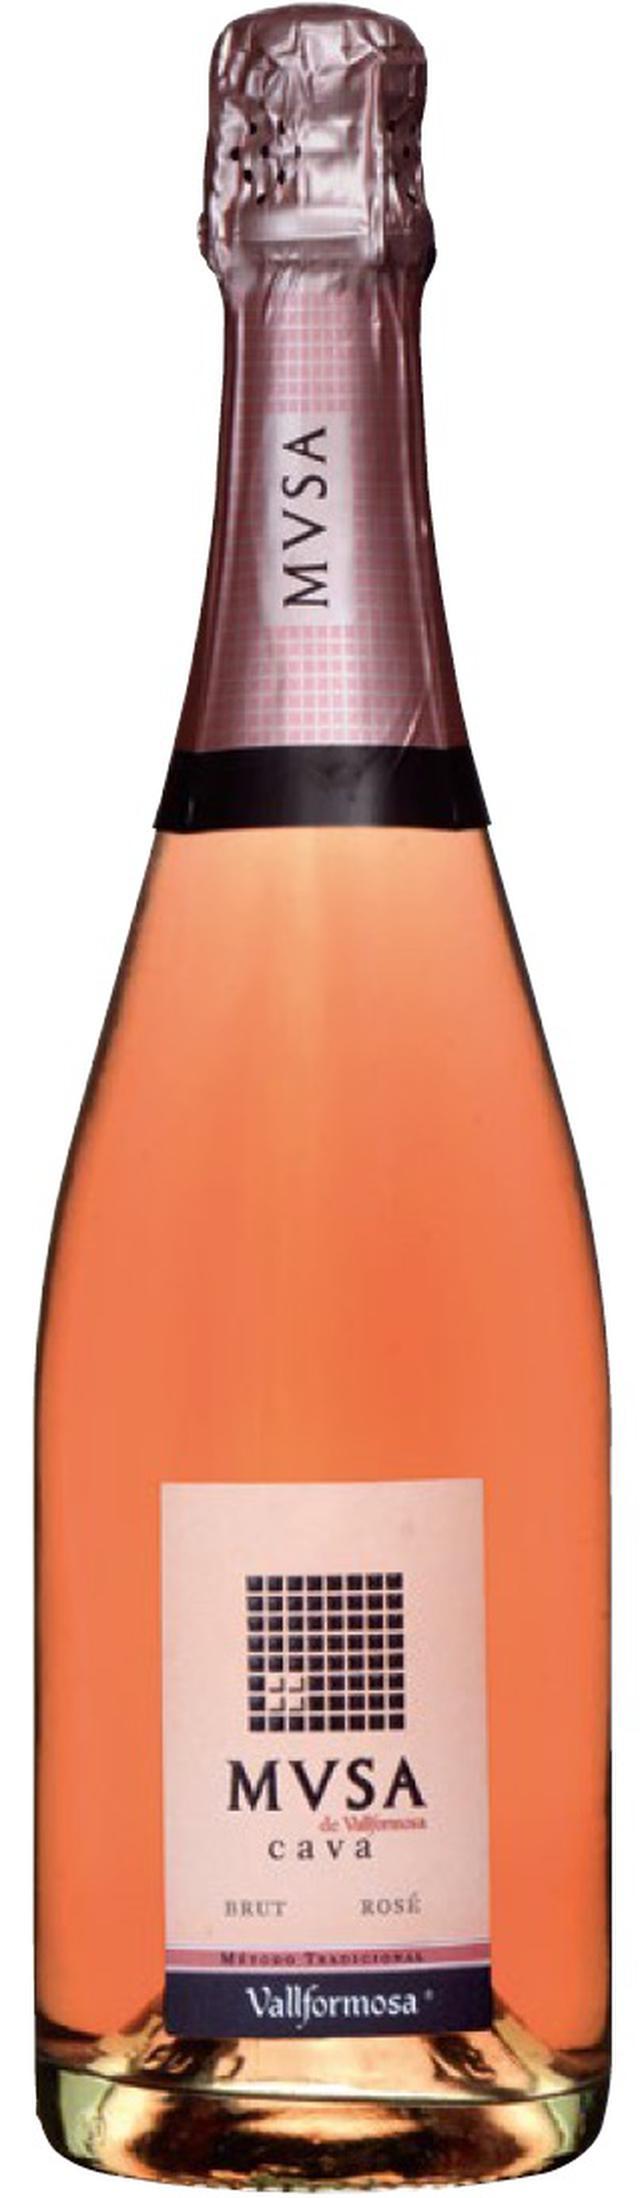 画像3: ワイン王国 2020年5月号/No.116 お勧め5ツ星の買える店(1000円台で見つけたロゼワイン)